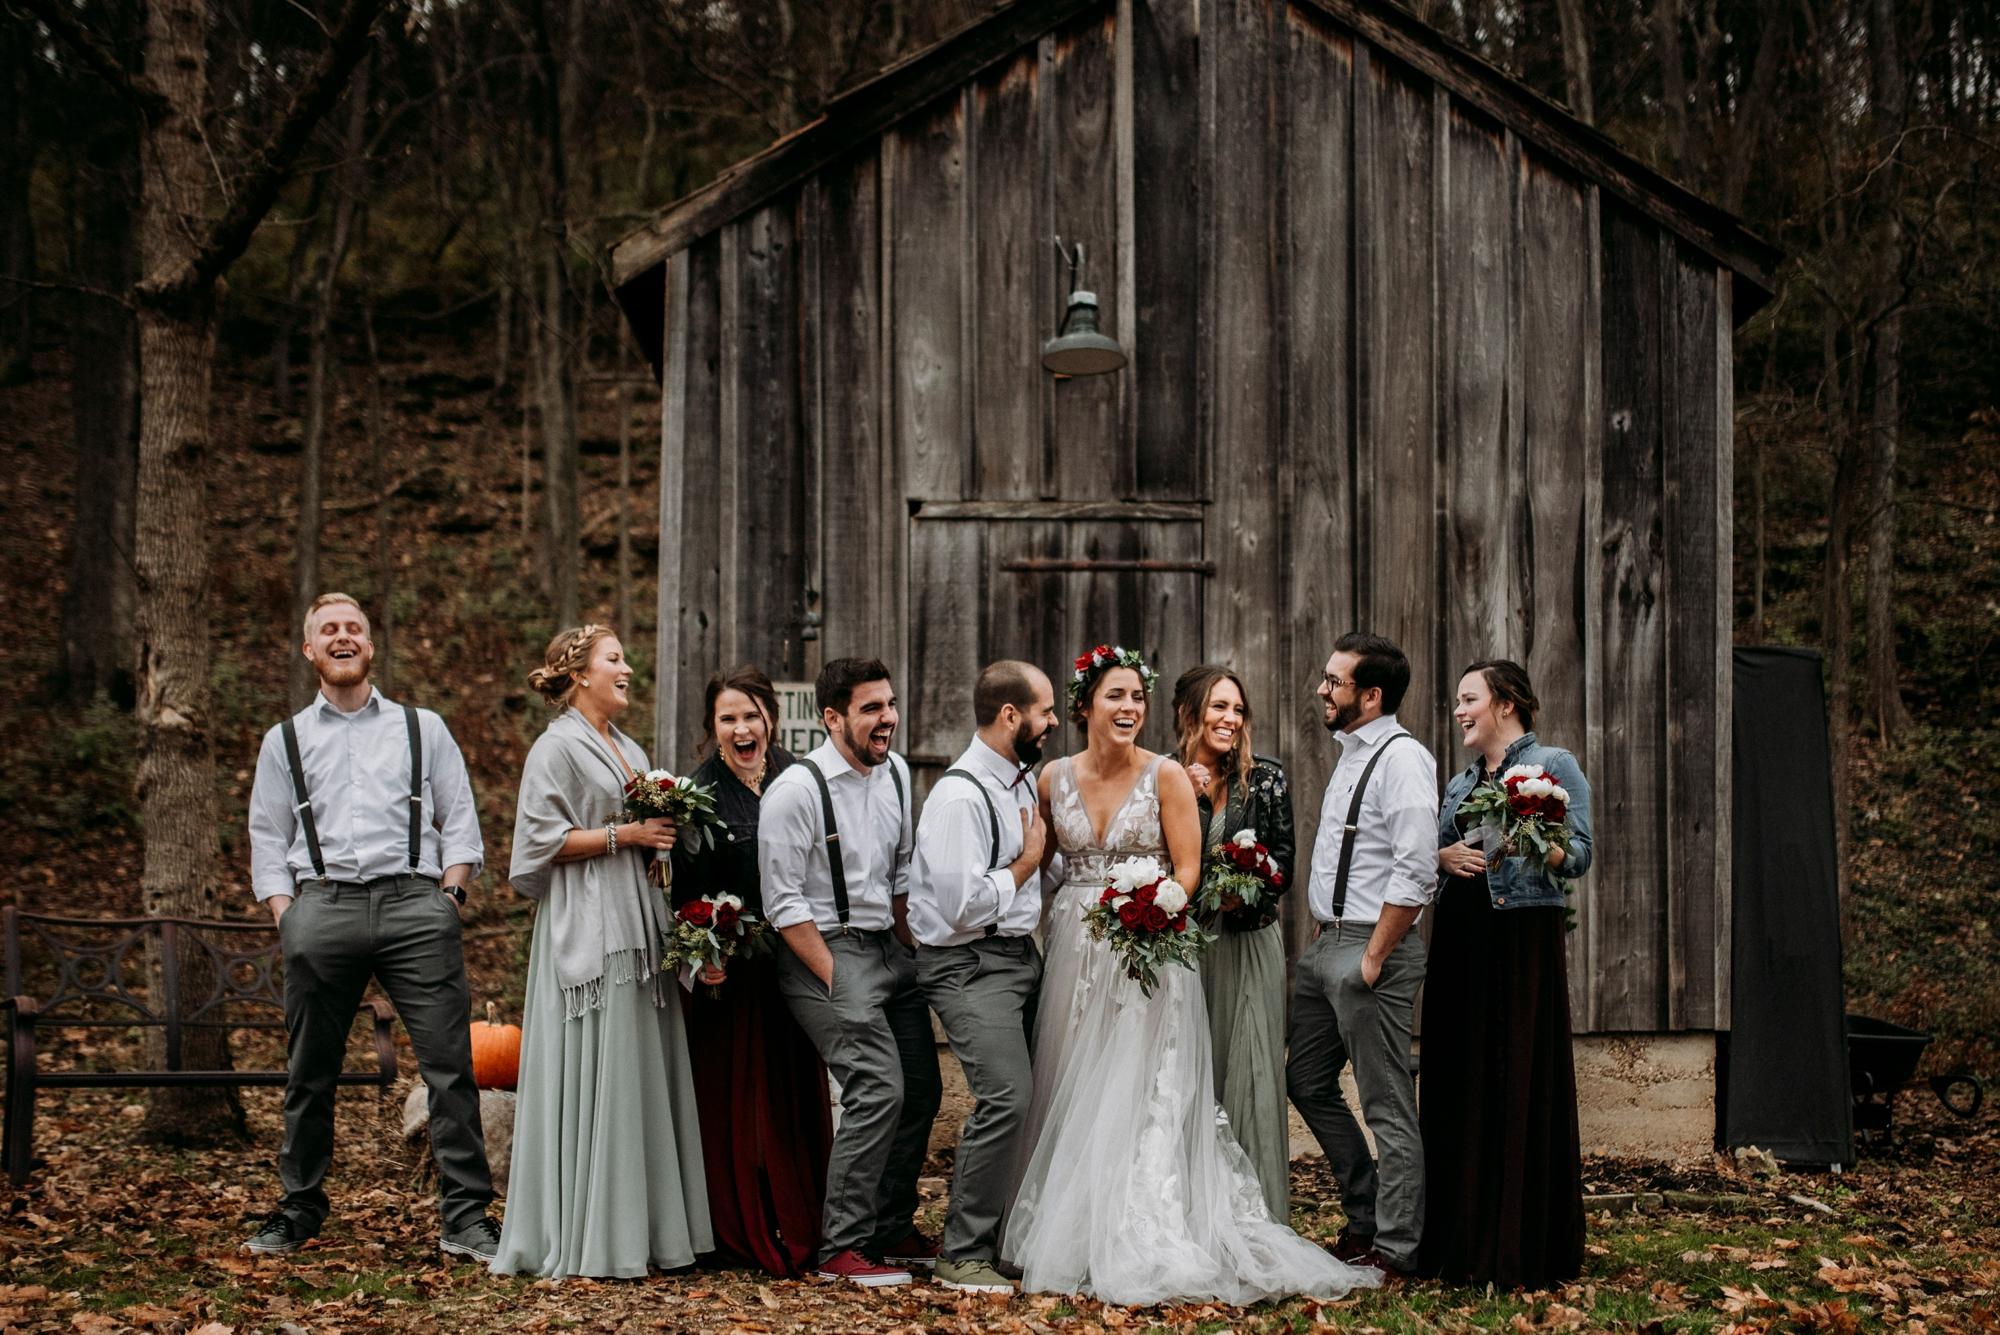 ethical-destination-wedding-stlouis_0032.jpg